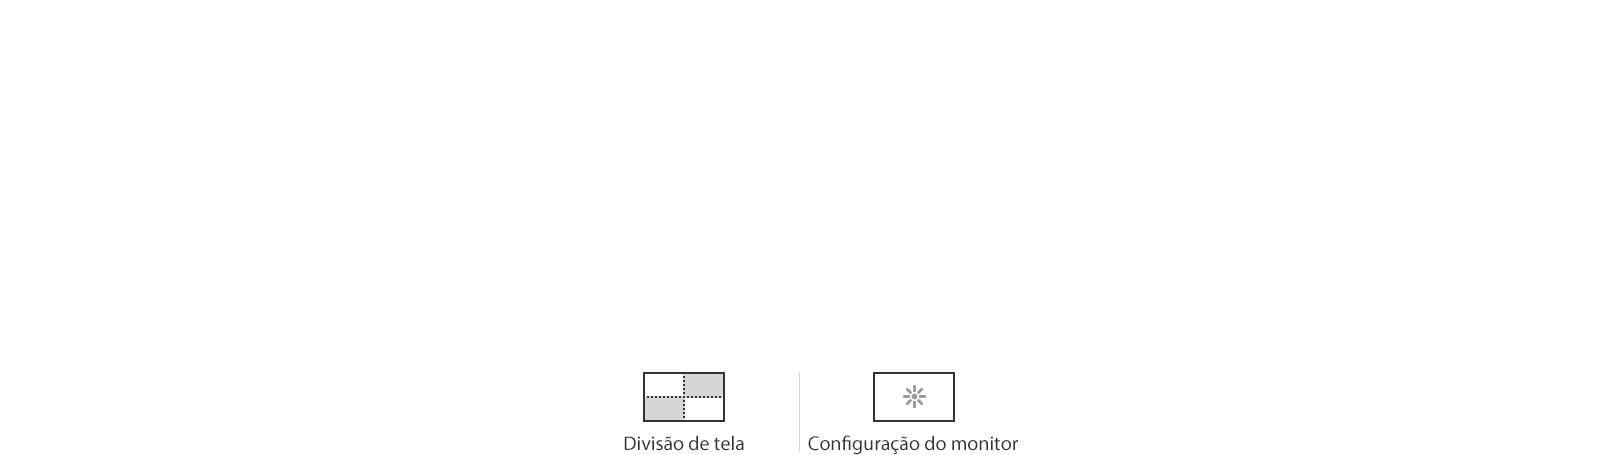 Fácil Configuração<br>1